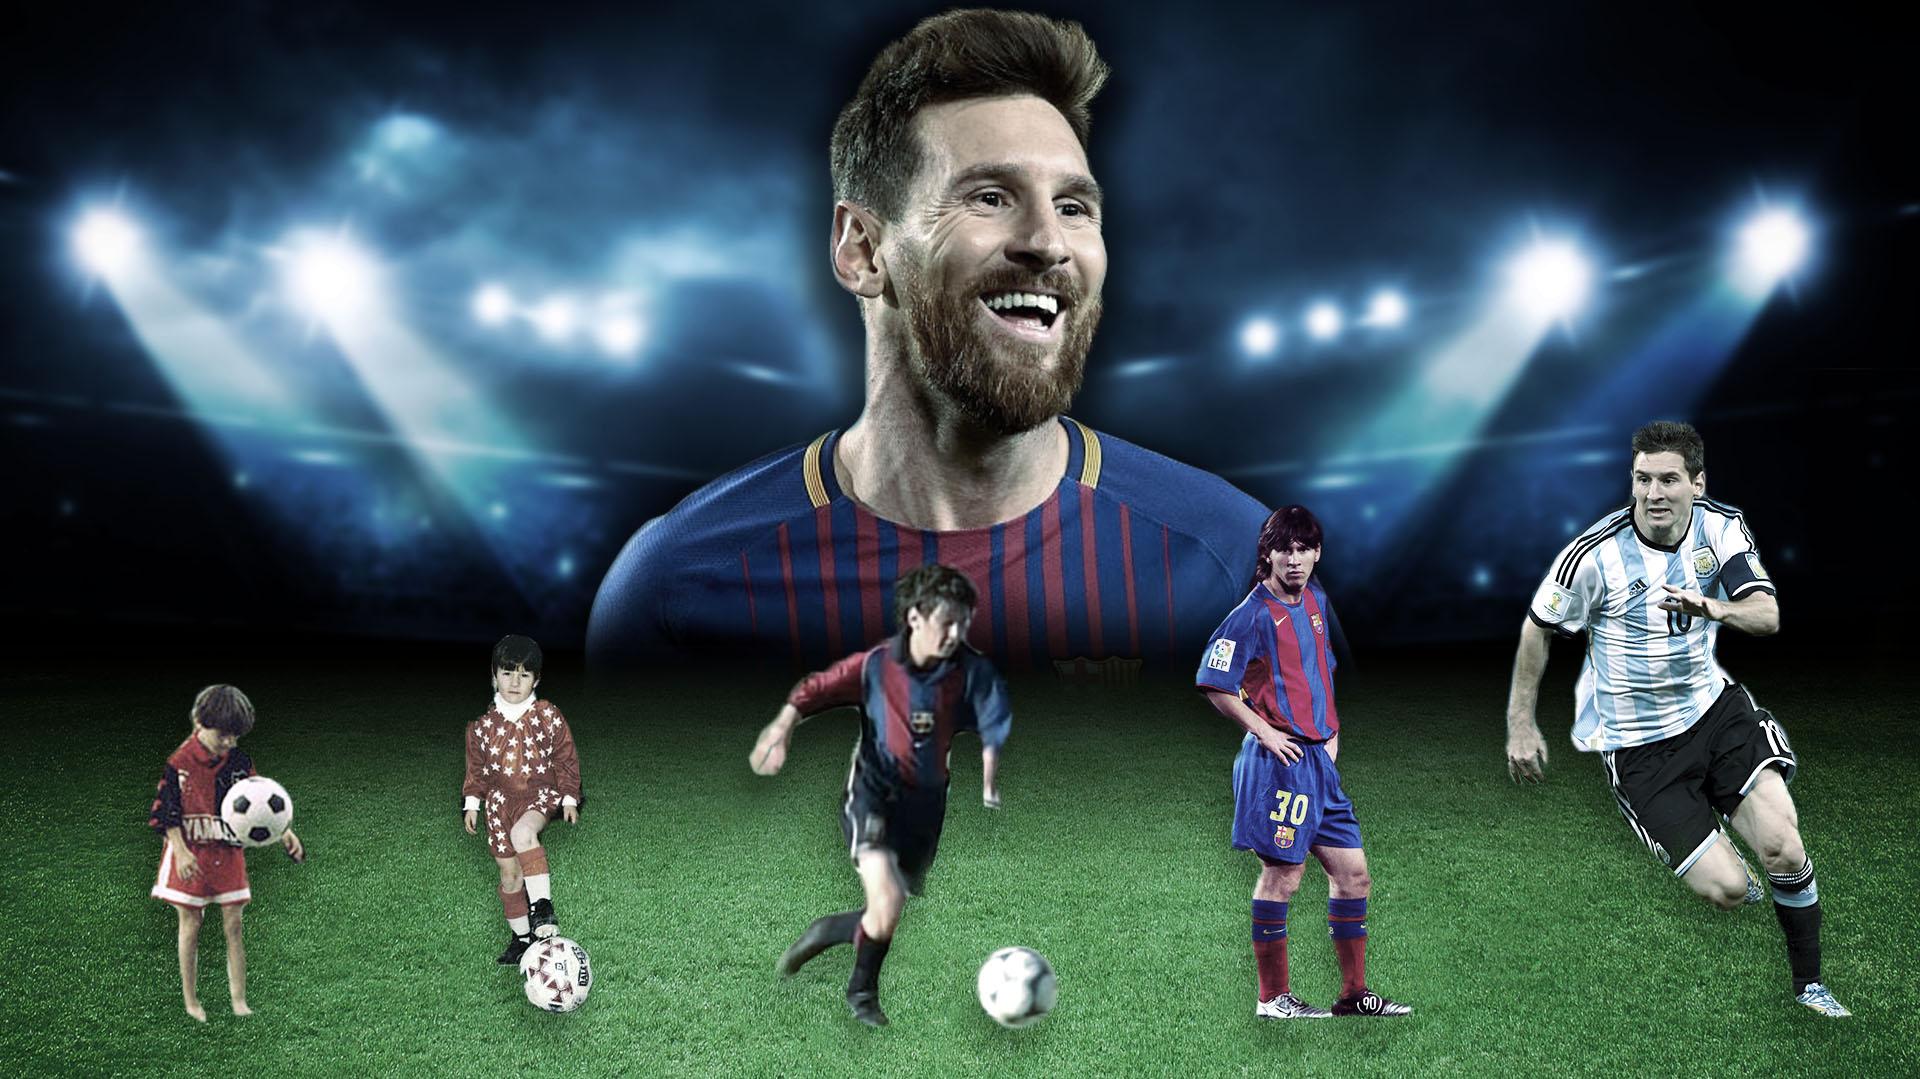 El progreso de Lionel Messi con el correr de los años (Mariano Llanes)